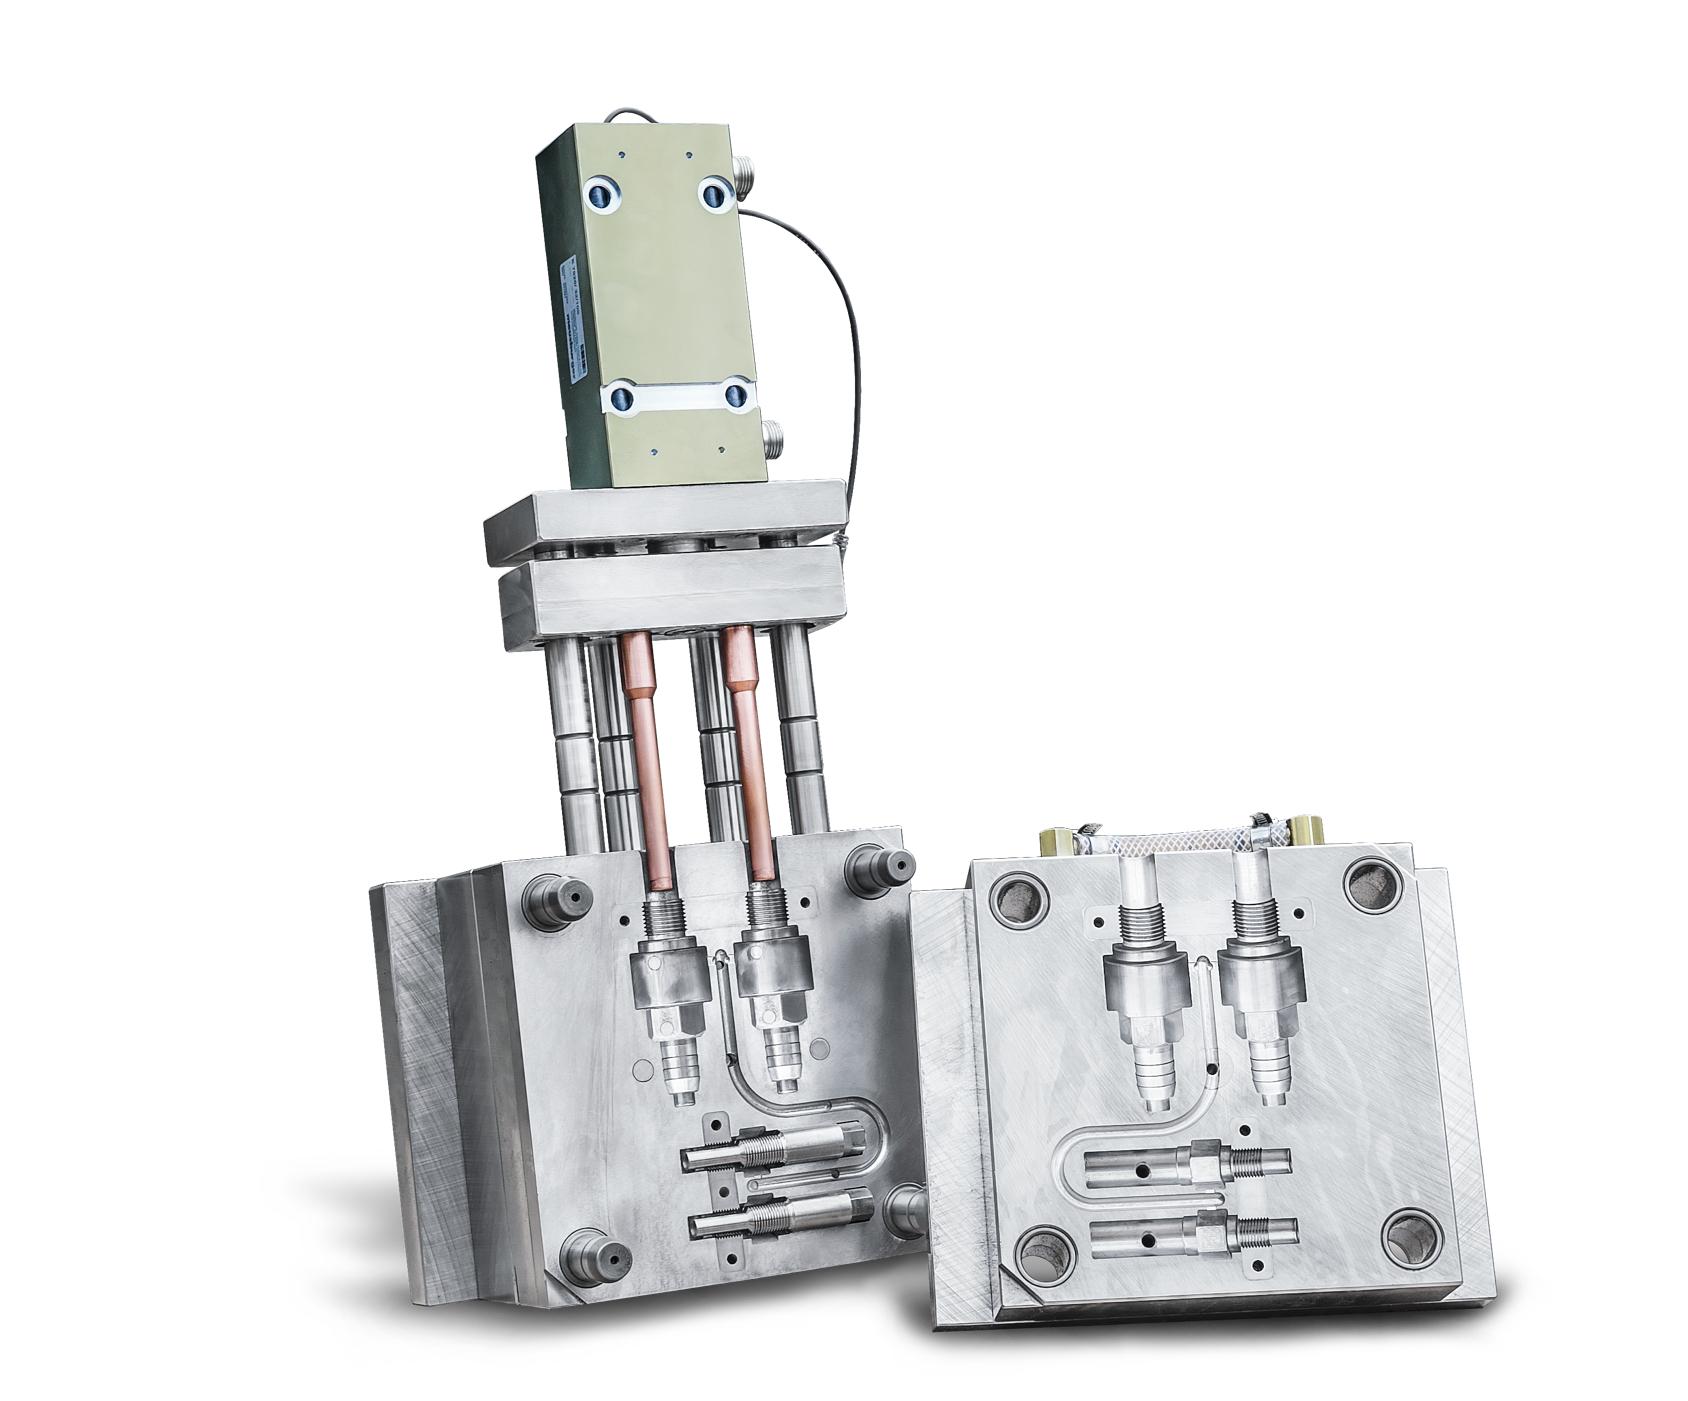 műanyag fröccsöntő szerszám - Med-Plast 2000 Kft. Műszaki műanyag alkatrészek fejlesztése és gyártása az ipar számára